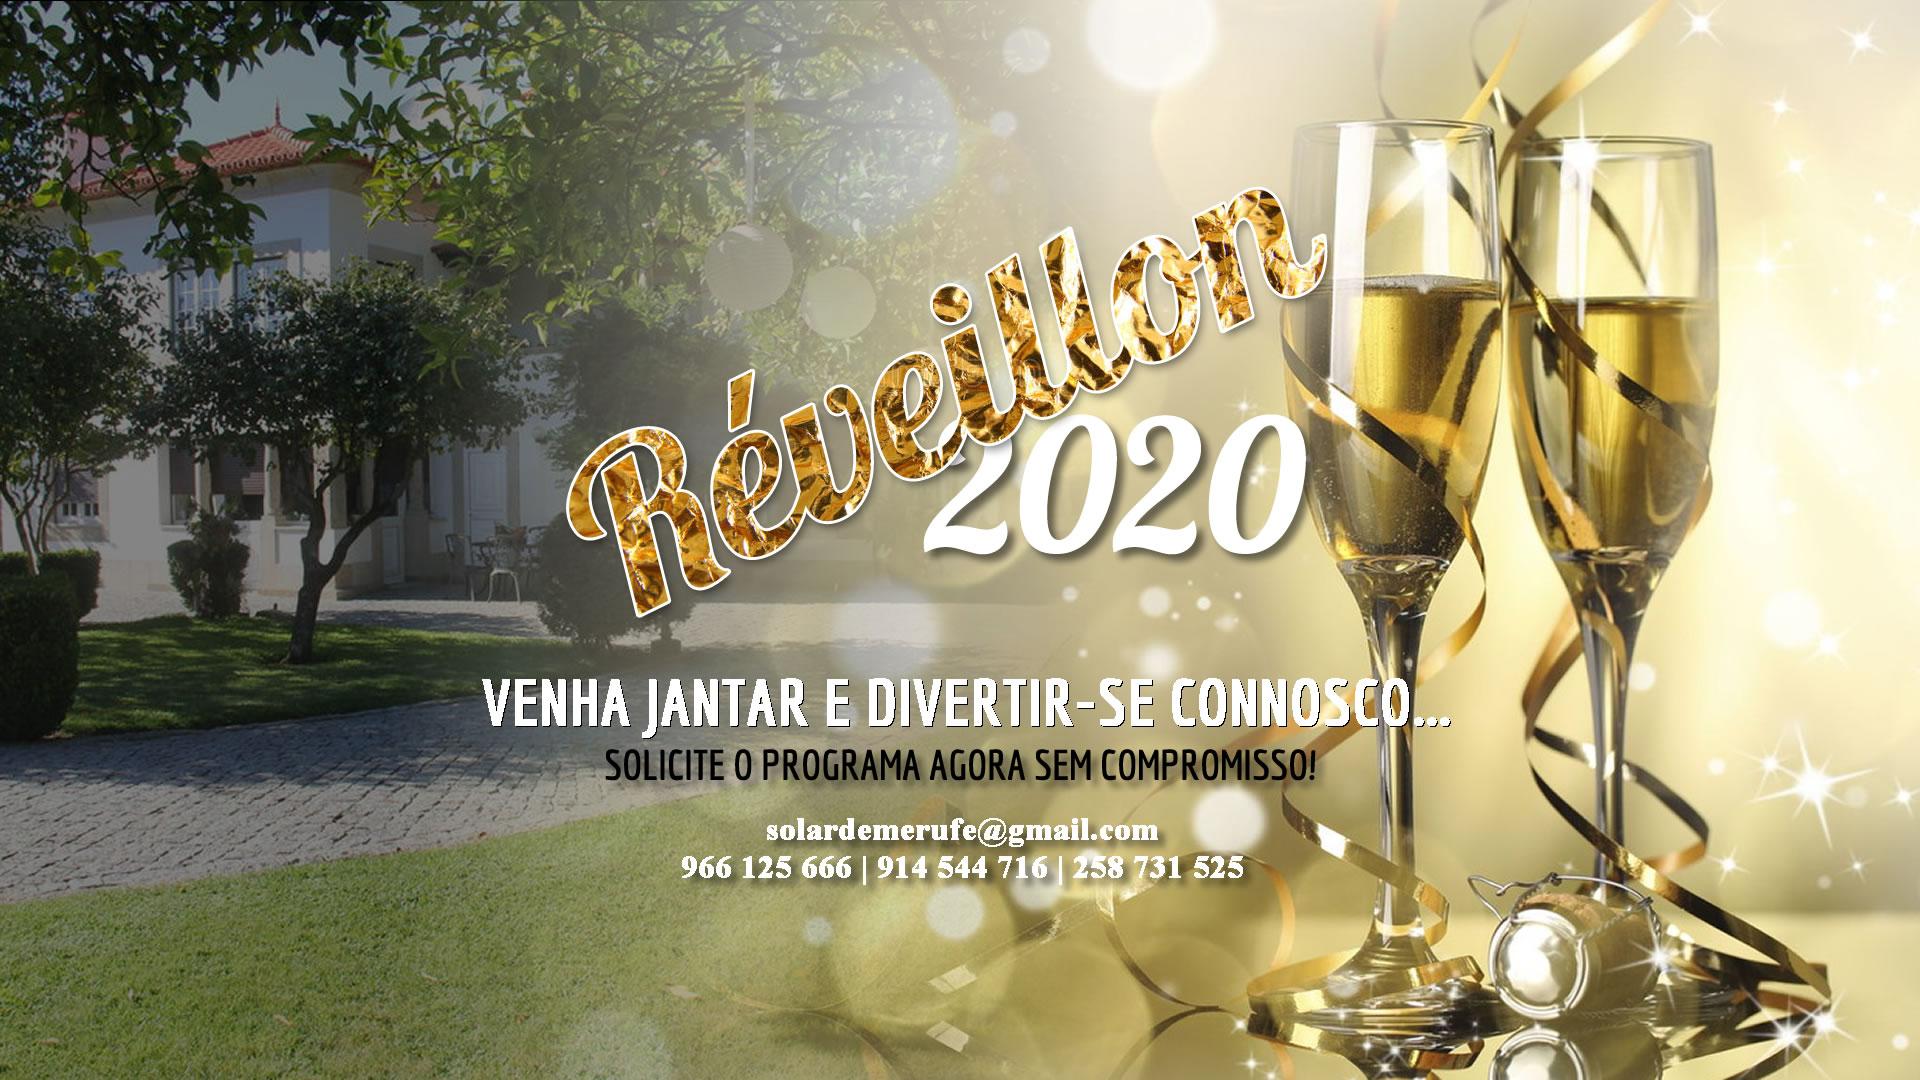 Reveillon 2019/20